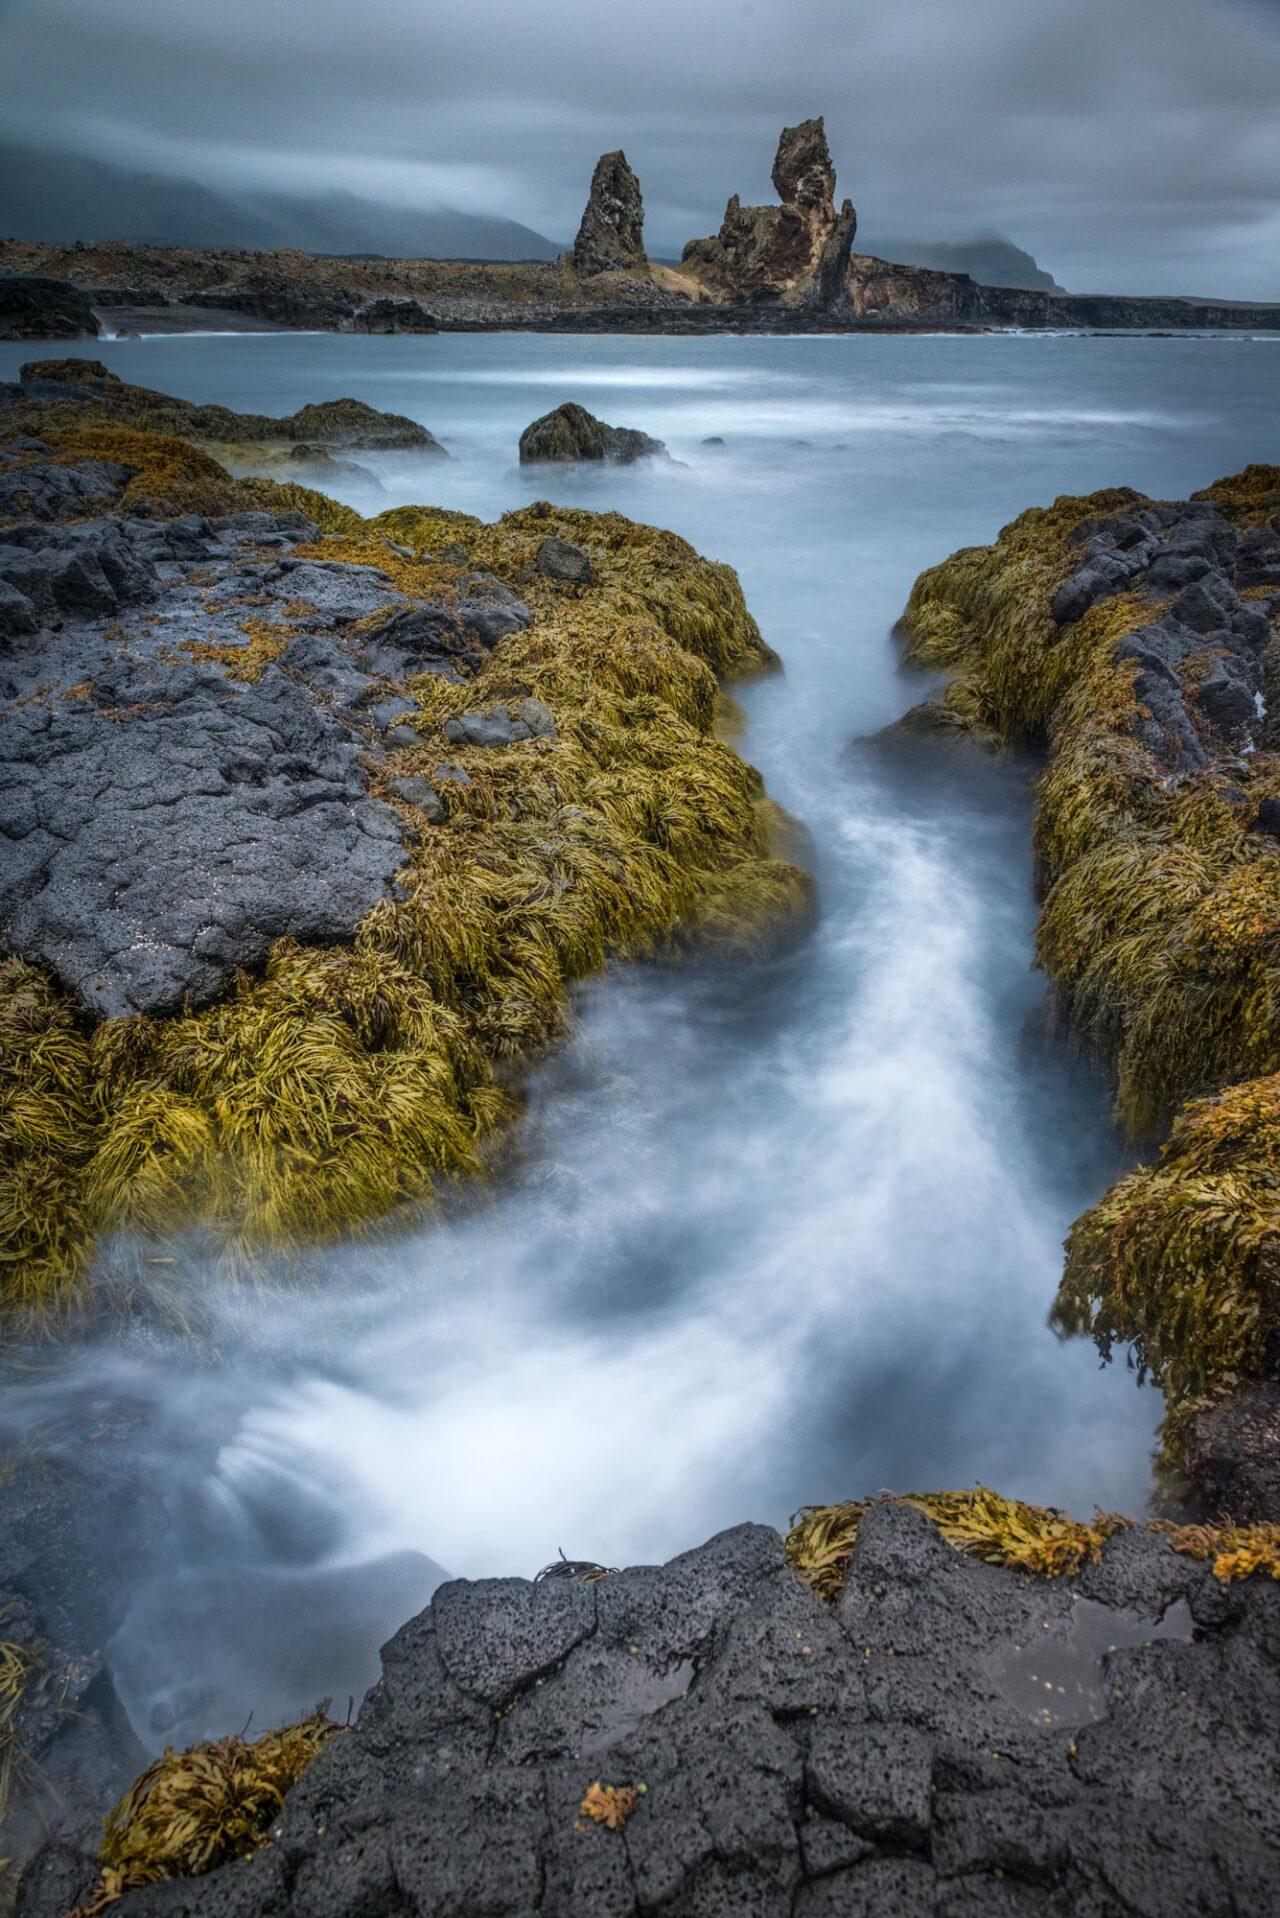 Landrangar Basalt Cliffs, Iceland